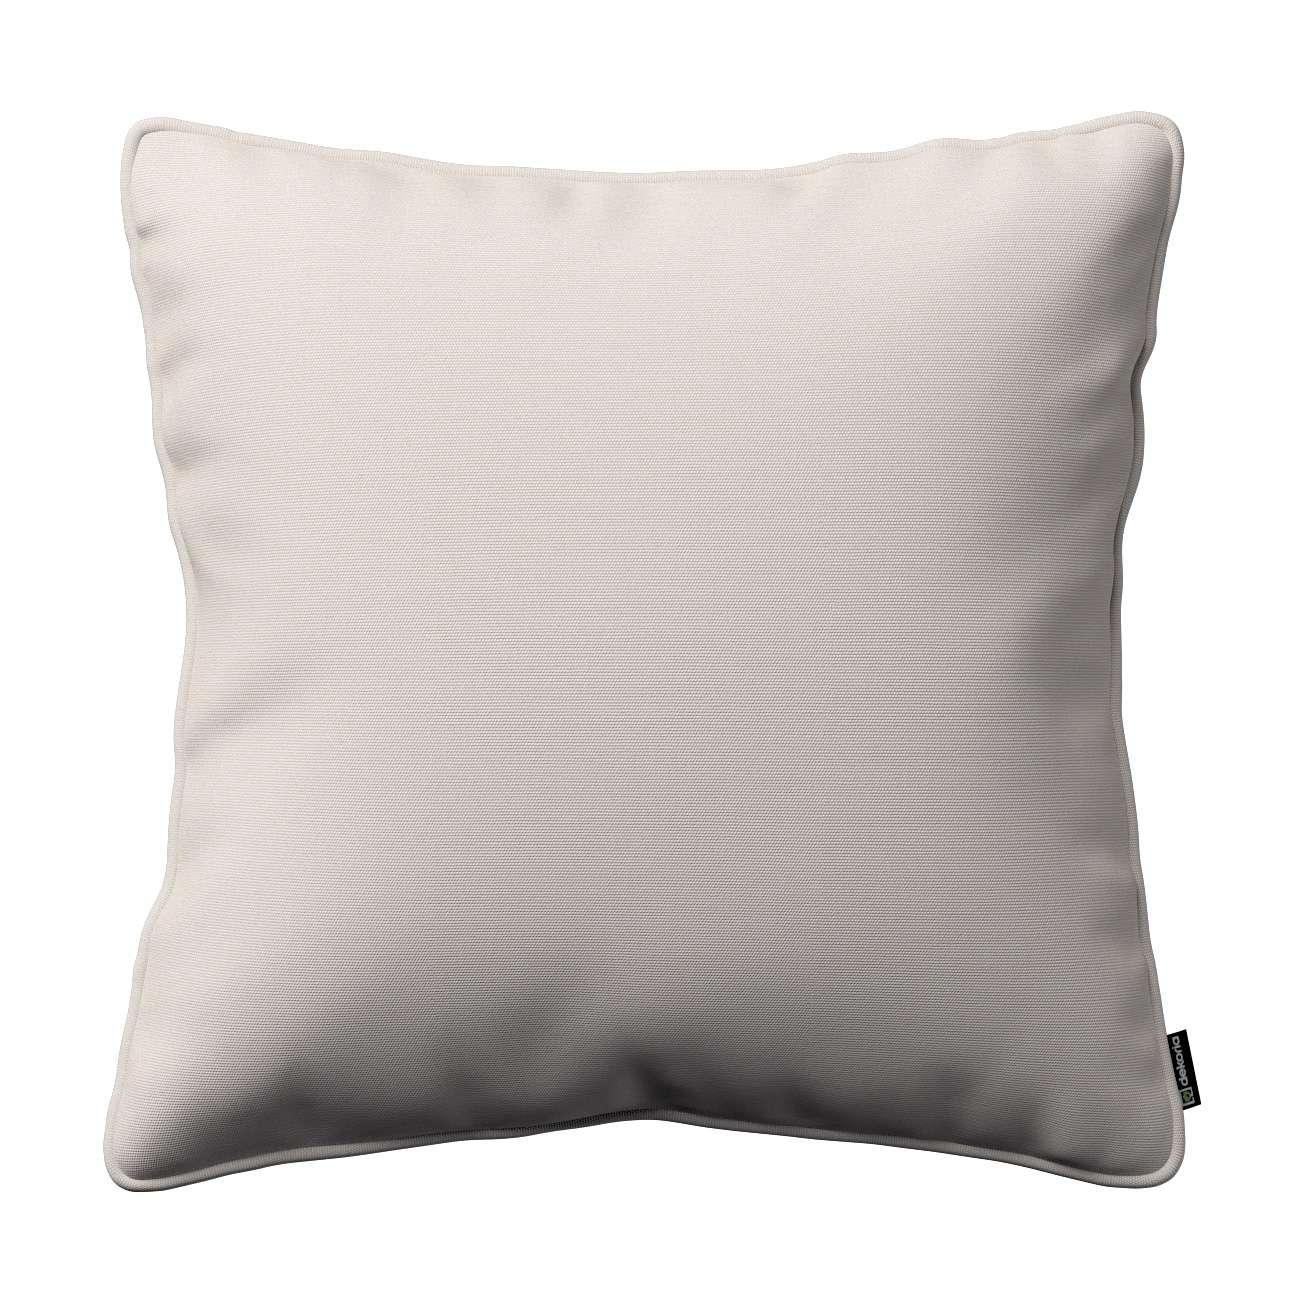 Gabi dekoratyvinės pagavėlės užvalkalas su specialia siūle 45 x 45 cm kolekcijoje Cotton Panama, audinys: 702-31